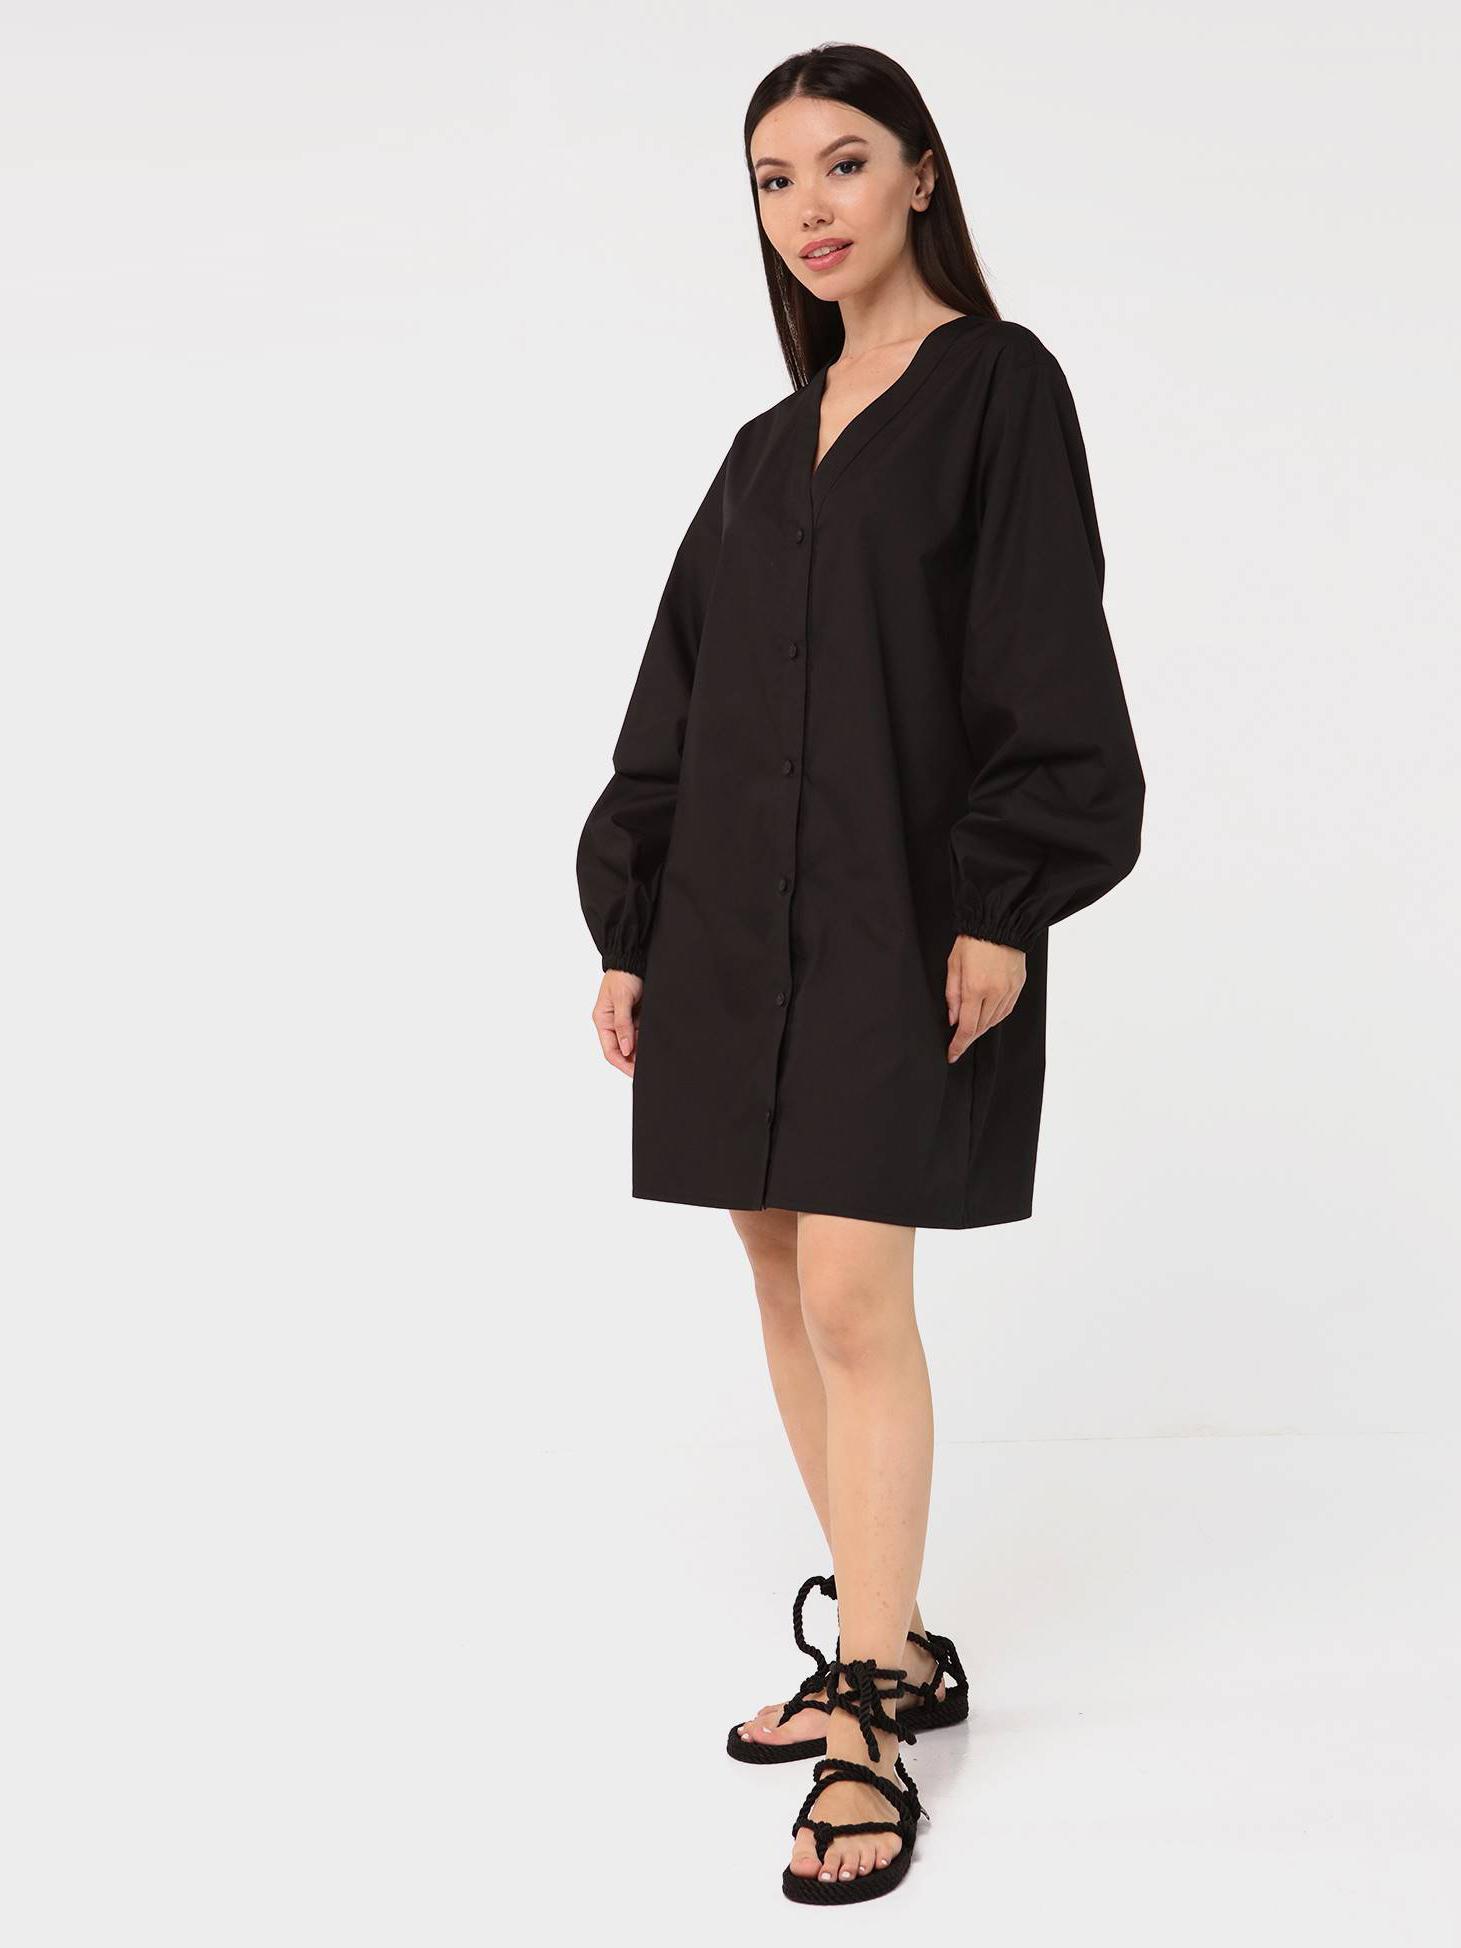 Платье-рубашка хлопковое с объемными рукавами черное YOS от украинского бренда Your Own Style